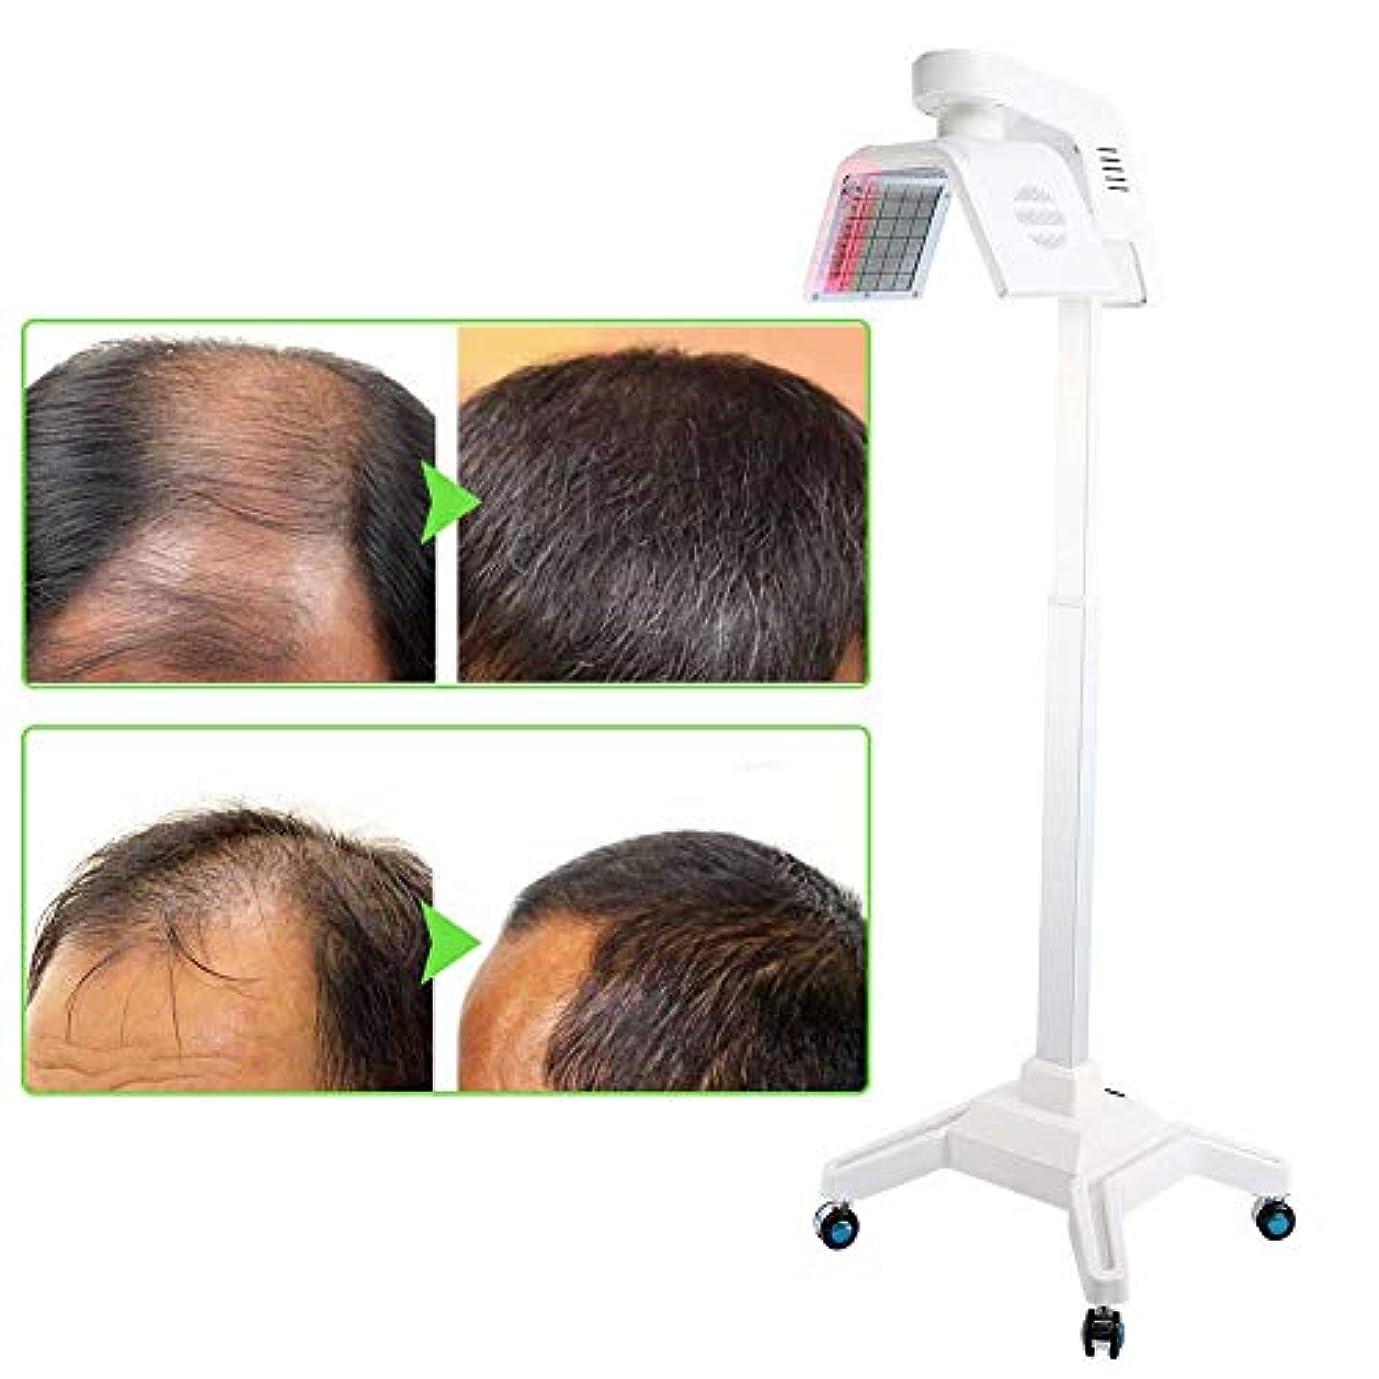 振動する特別なオレンジ育毛システム650NMは、薄毛の男性と女性のための髪の再成長マシンヘアケアデバイスを刺激します。